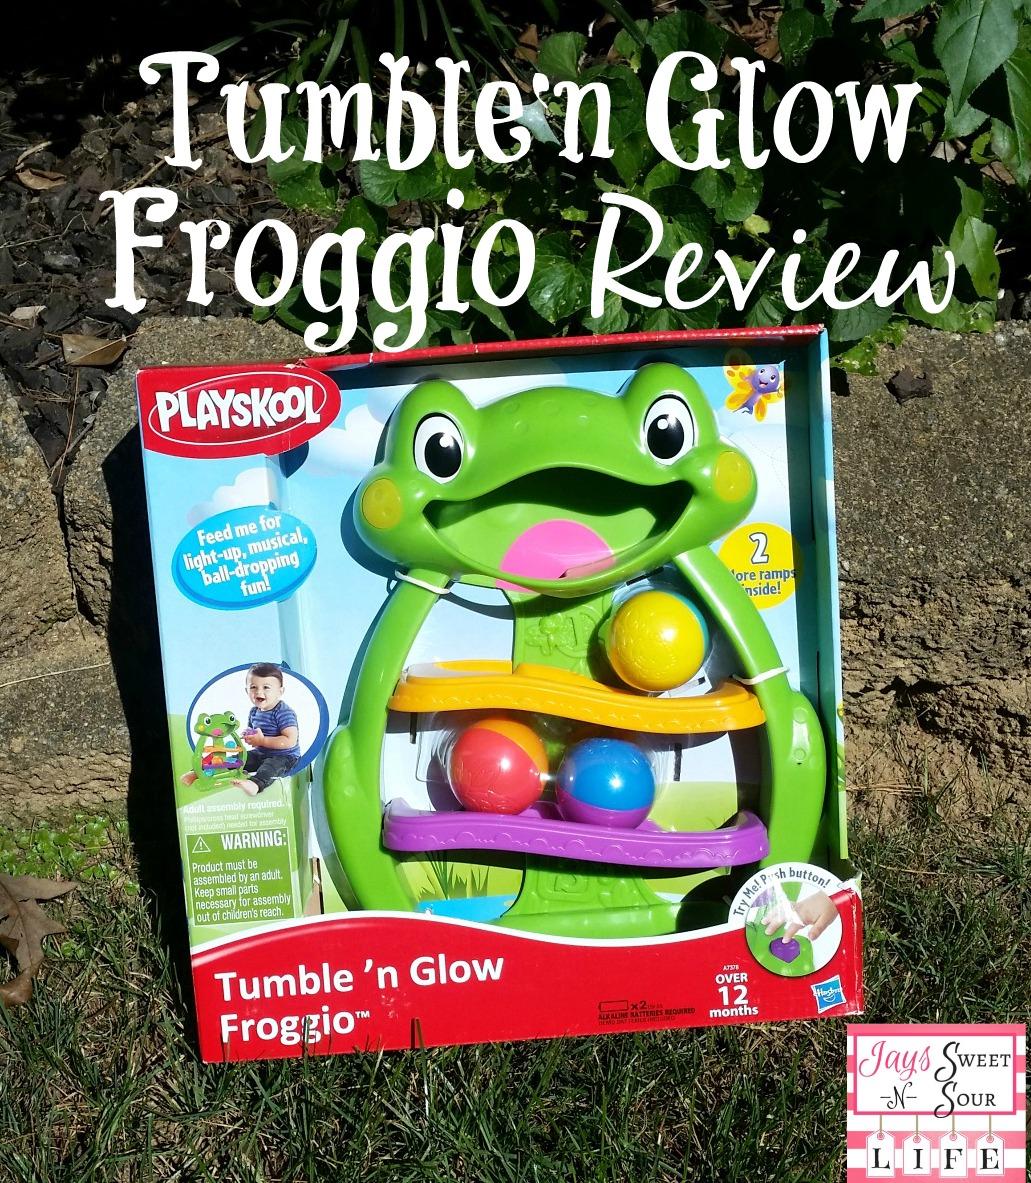 Hasbro – Tumble N' Glow Froggio Review